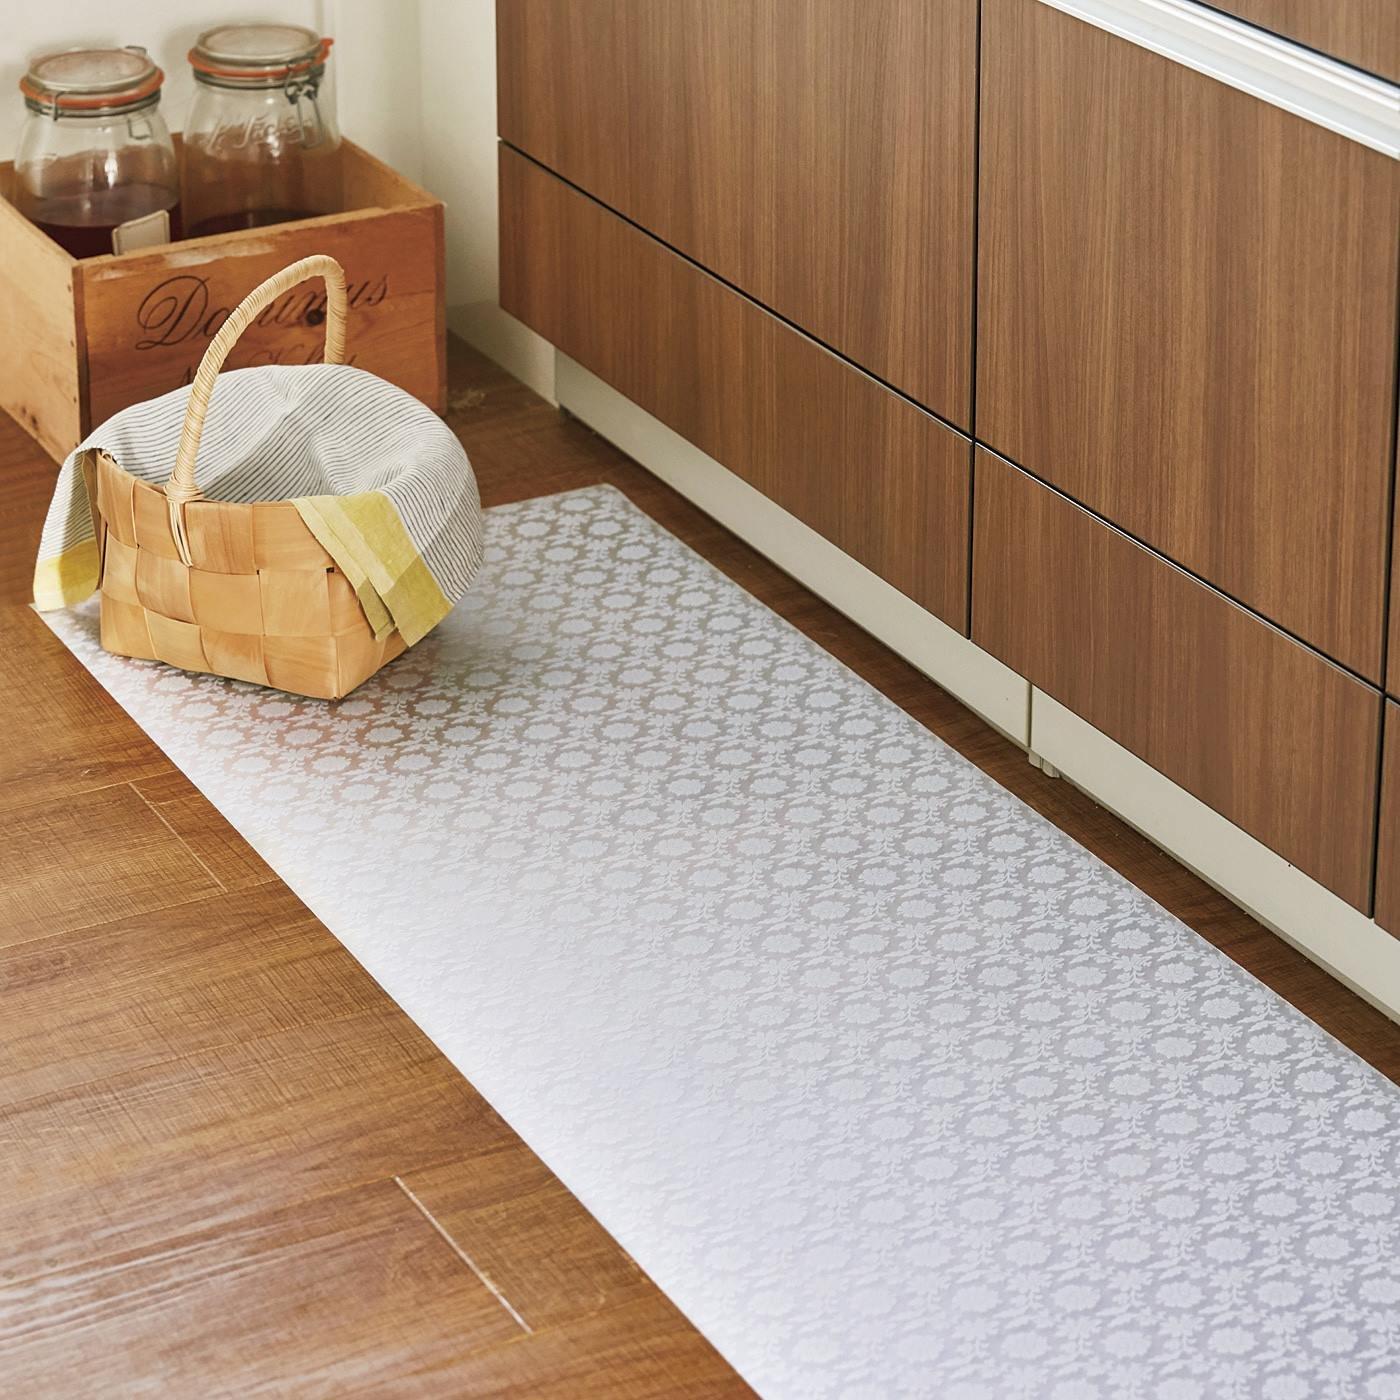 水や汚れをはじいて床を保護する しなやか素材のクリアマットの会